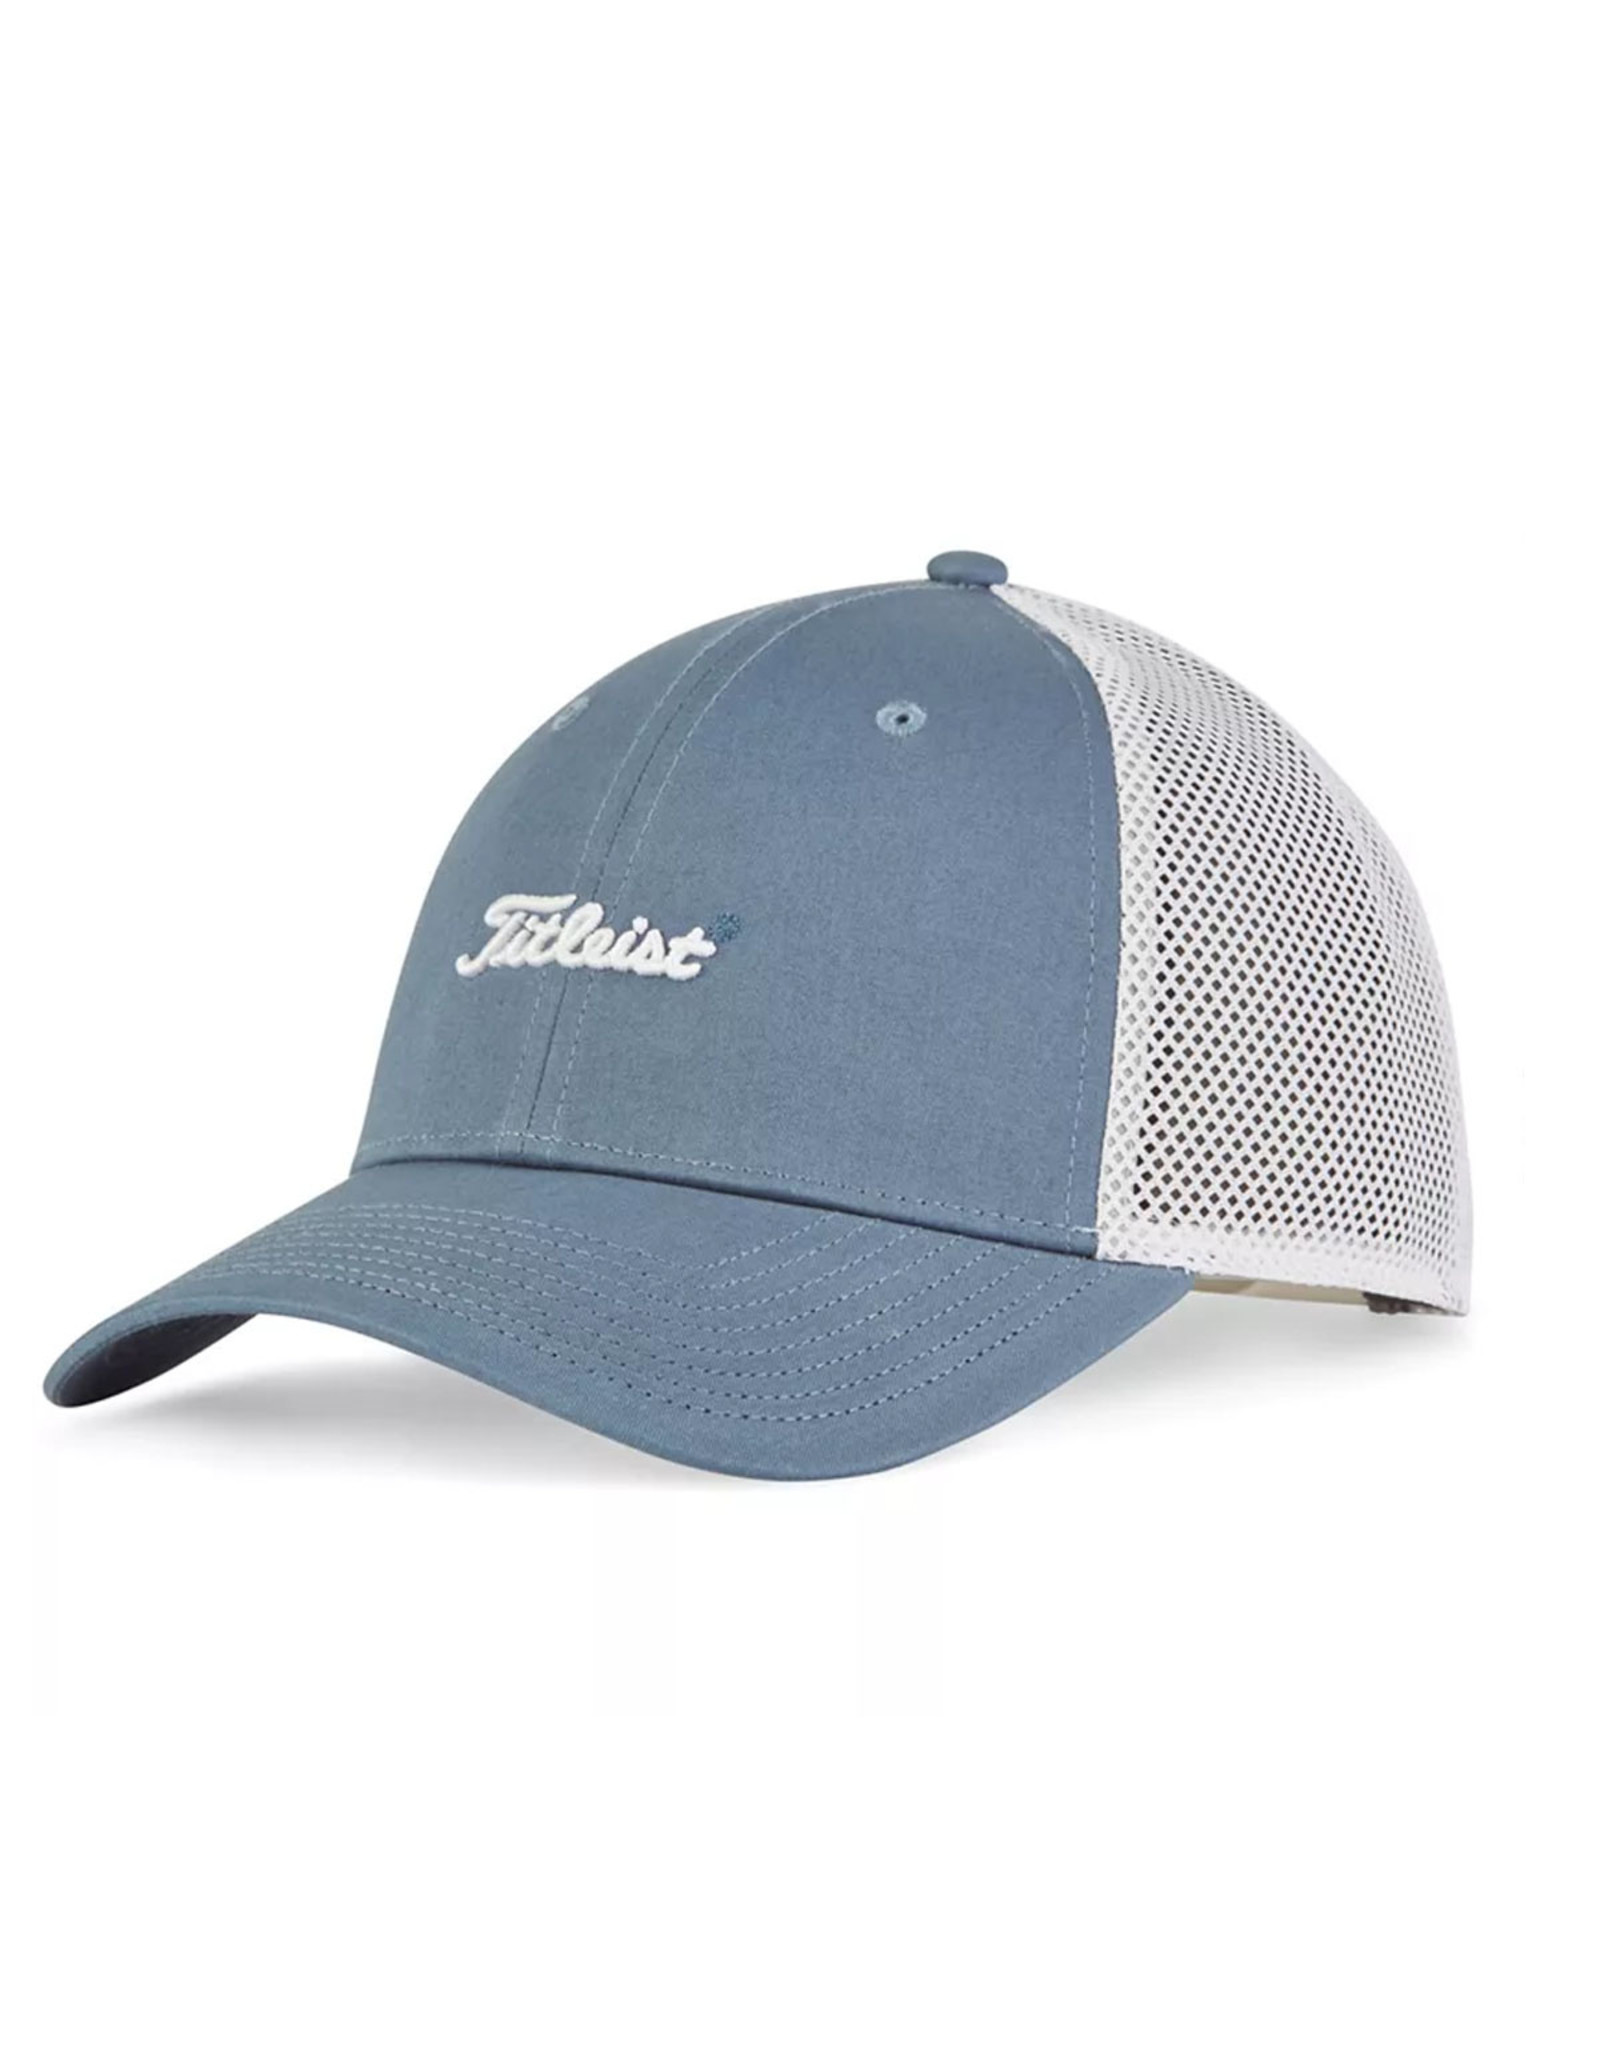 Titleist Titleist Nantucket Mesh Men's Hat